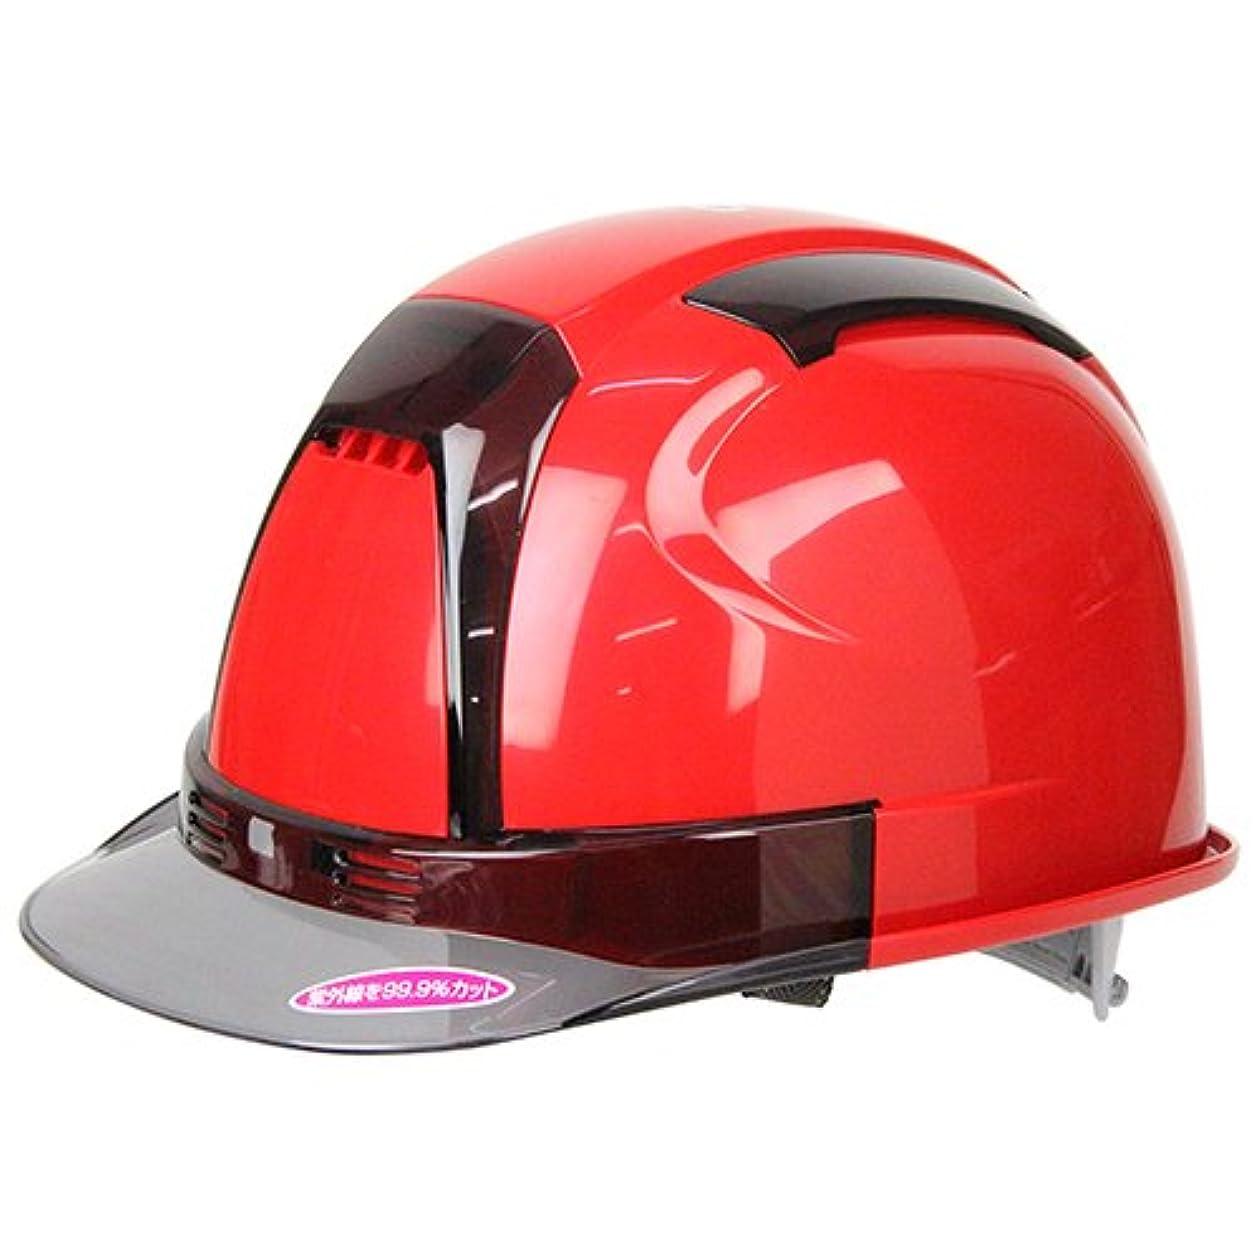 超えるディレイアノイTOYO 通気孔付きヘルメット ヴェンティー Venti No.390F-OTSS 赤 高機能